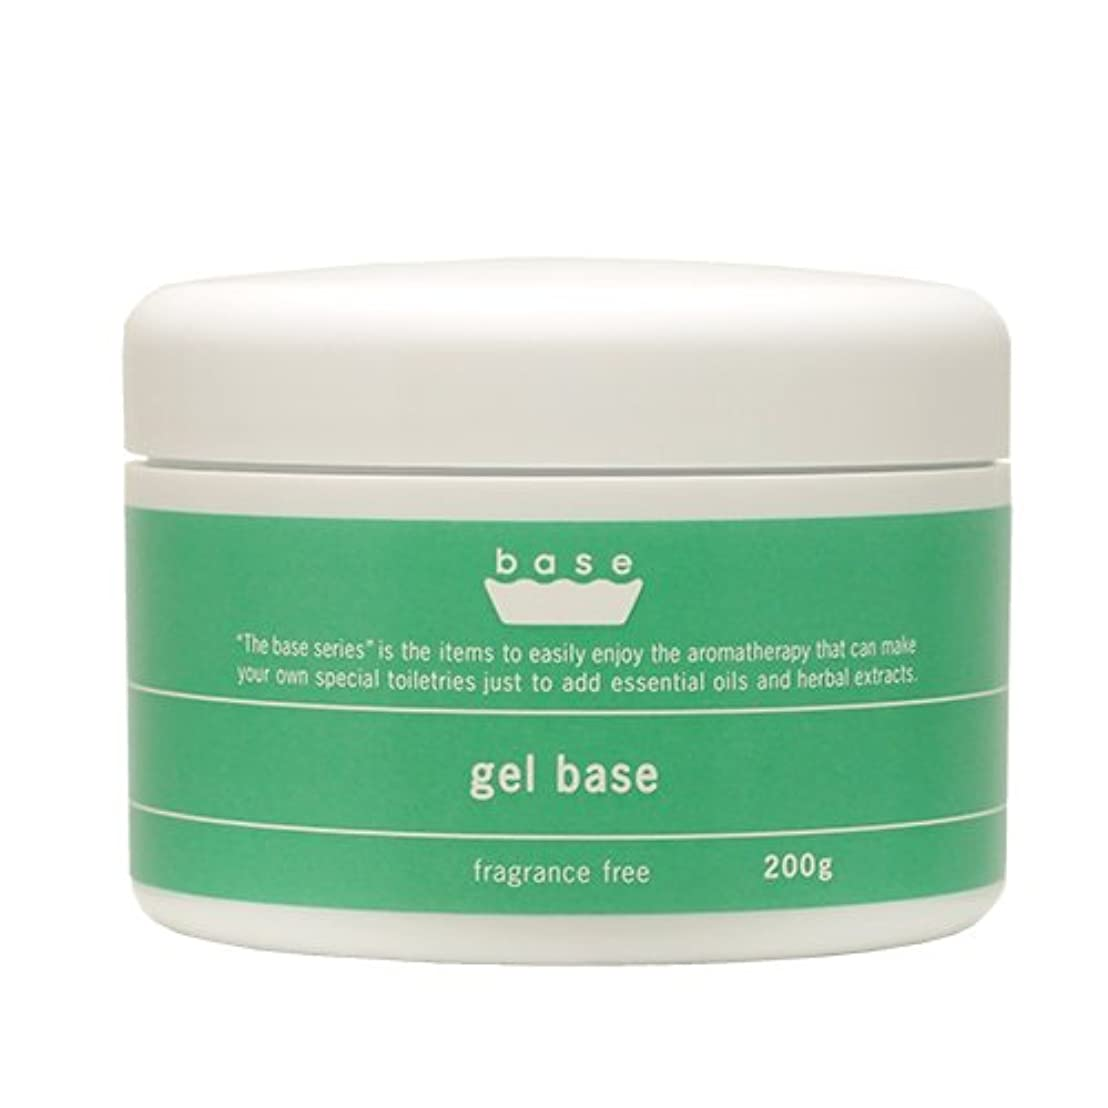 受益者告発者メタンbase gel base(ジェルベース)200g